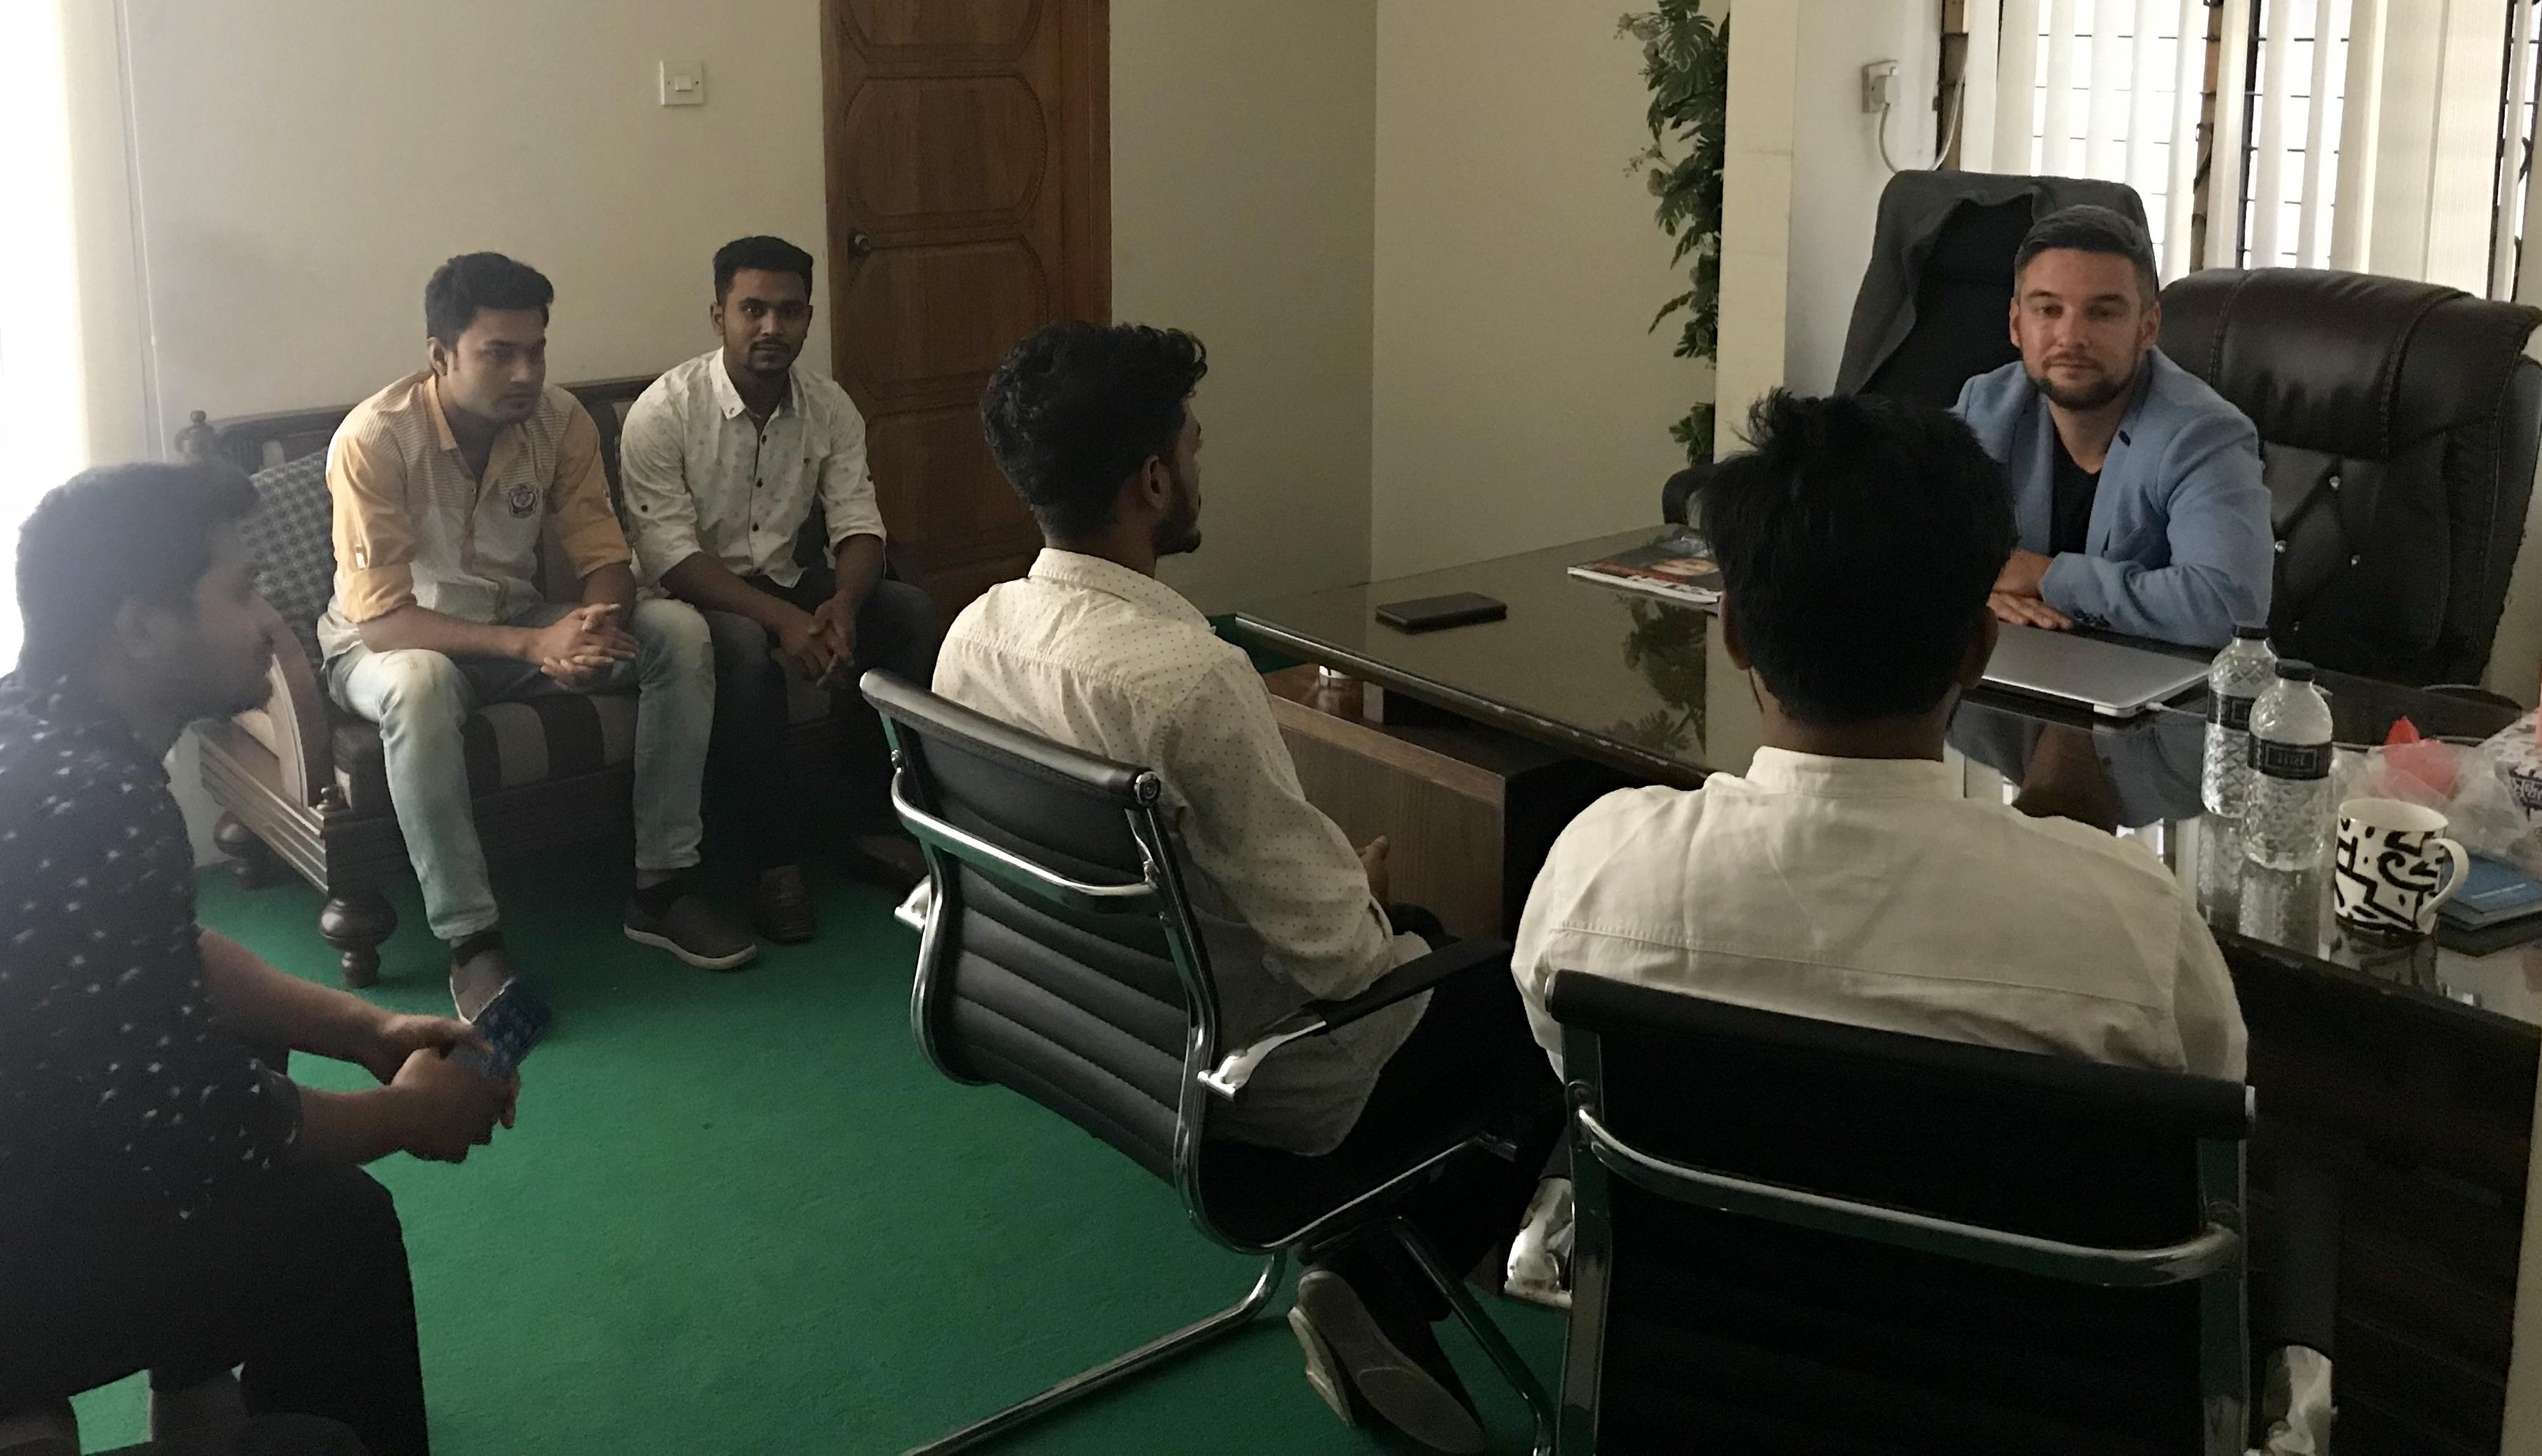 Spotkanie z grupą spawaczy w Bangladeszu (Fot. Foreign Personnel Service)